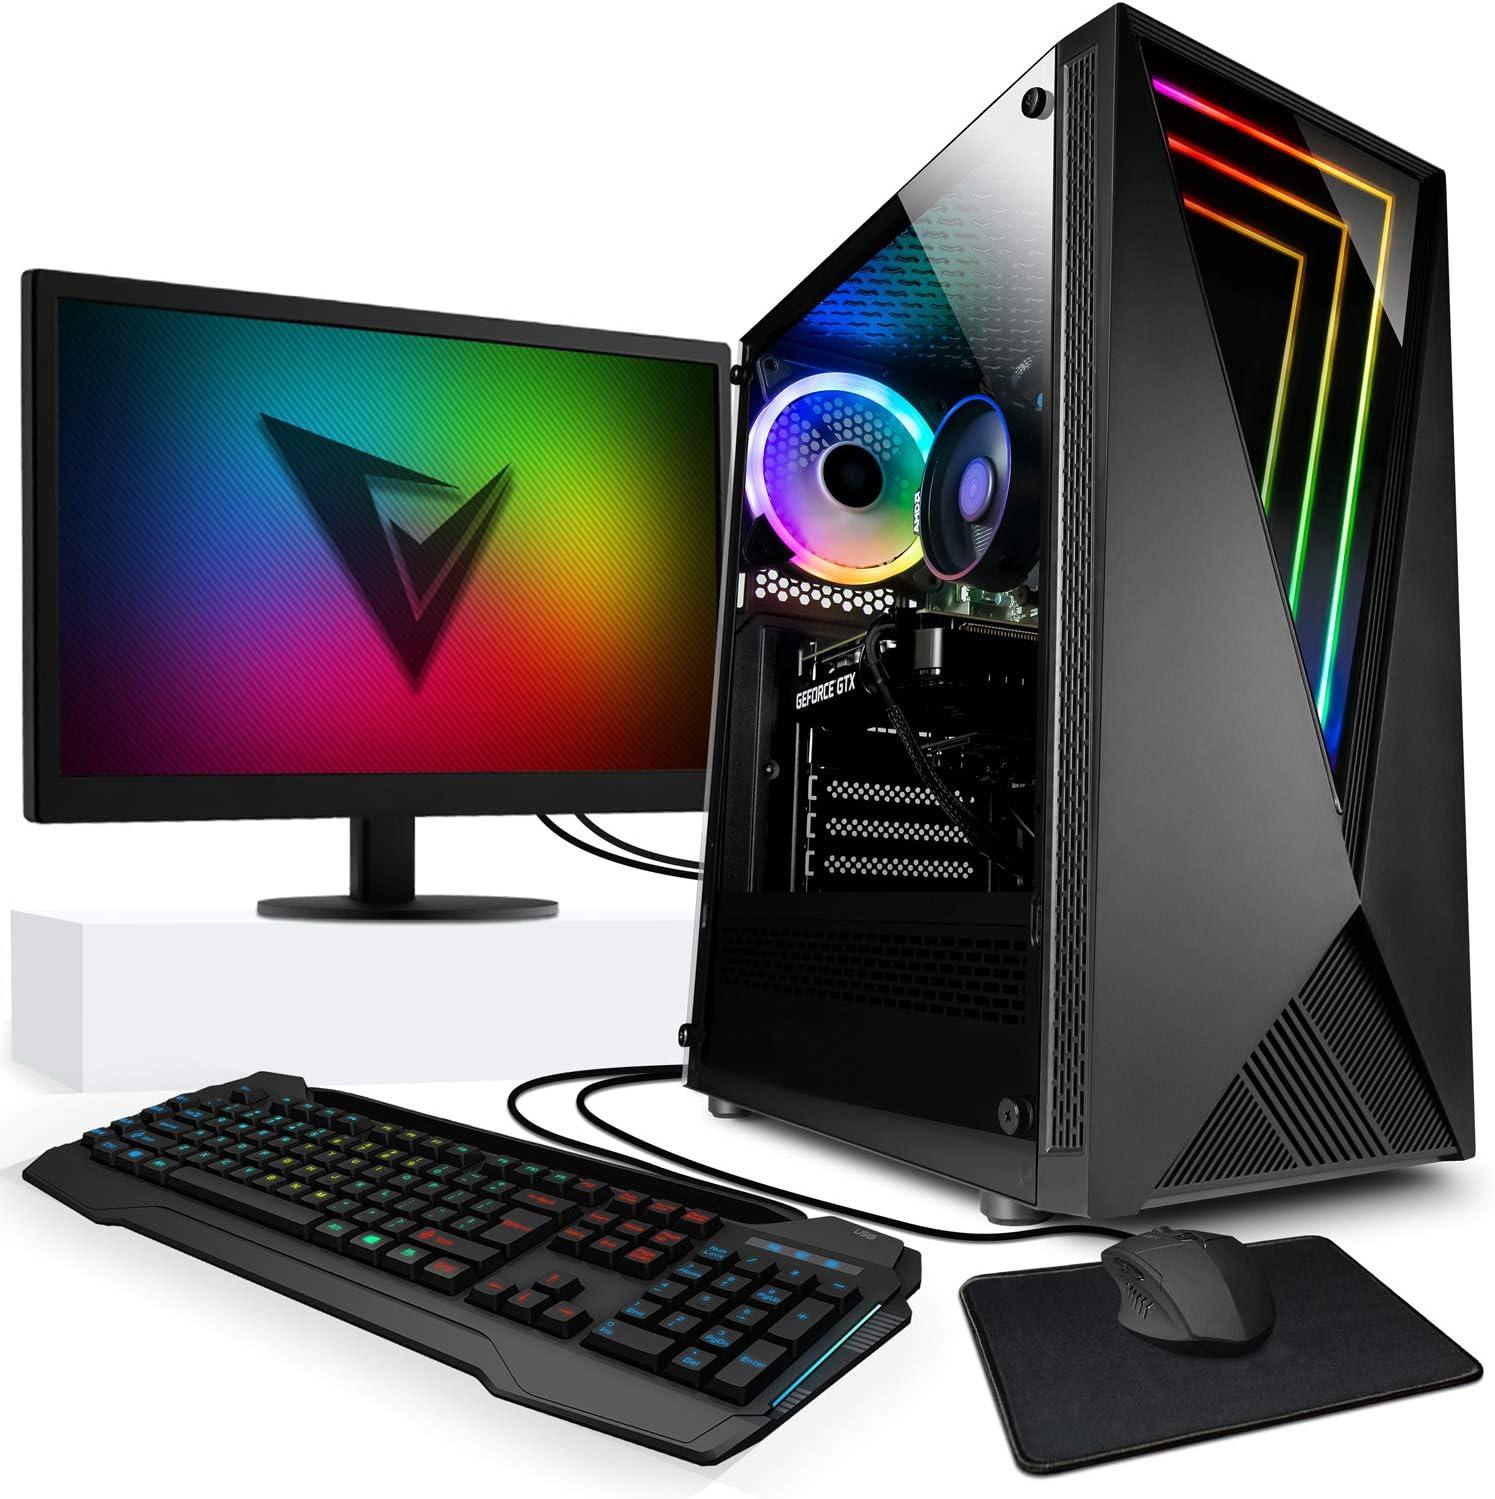 Vibox II-16 PC